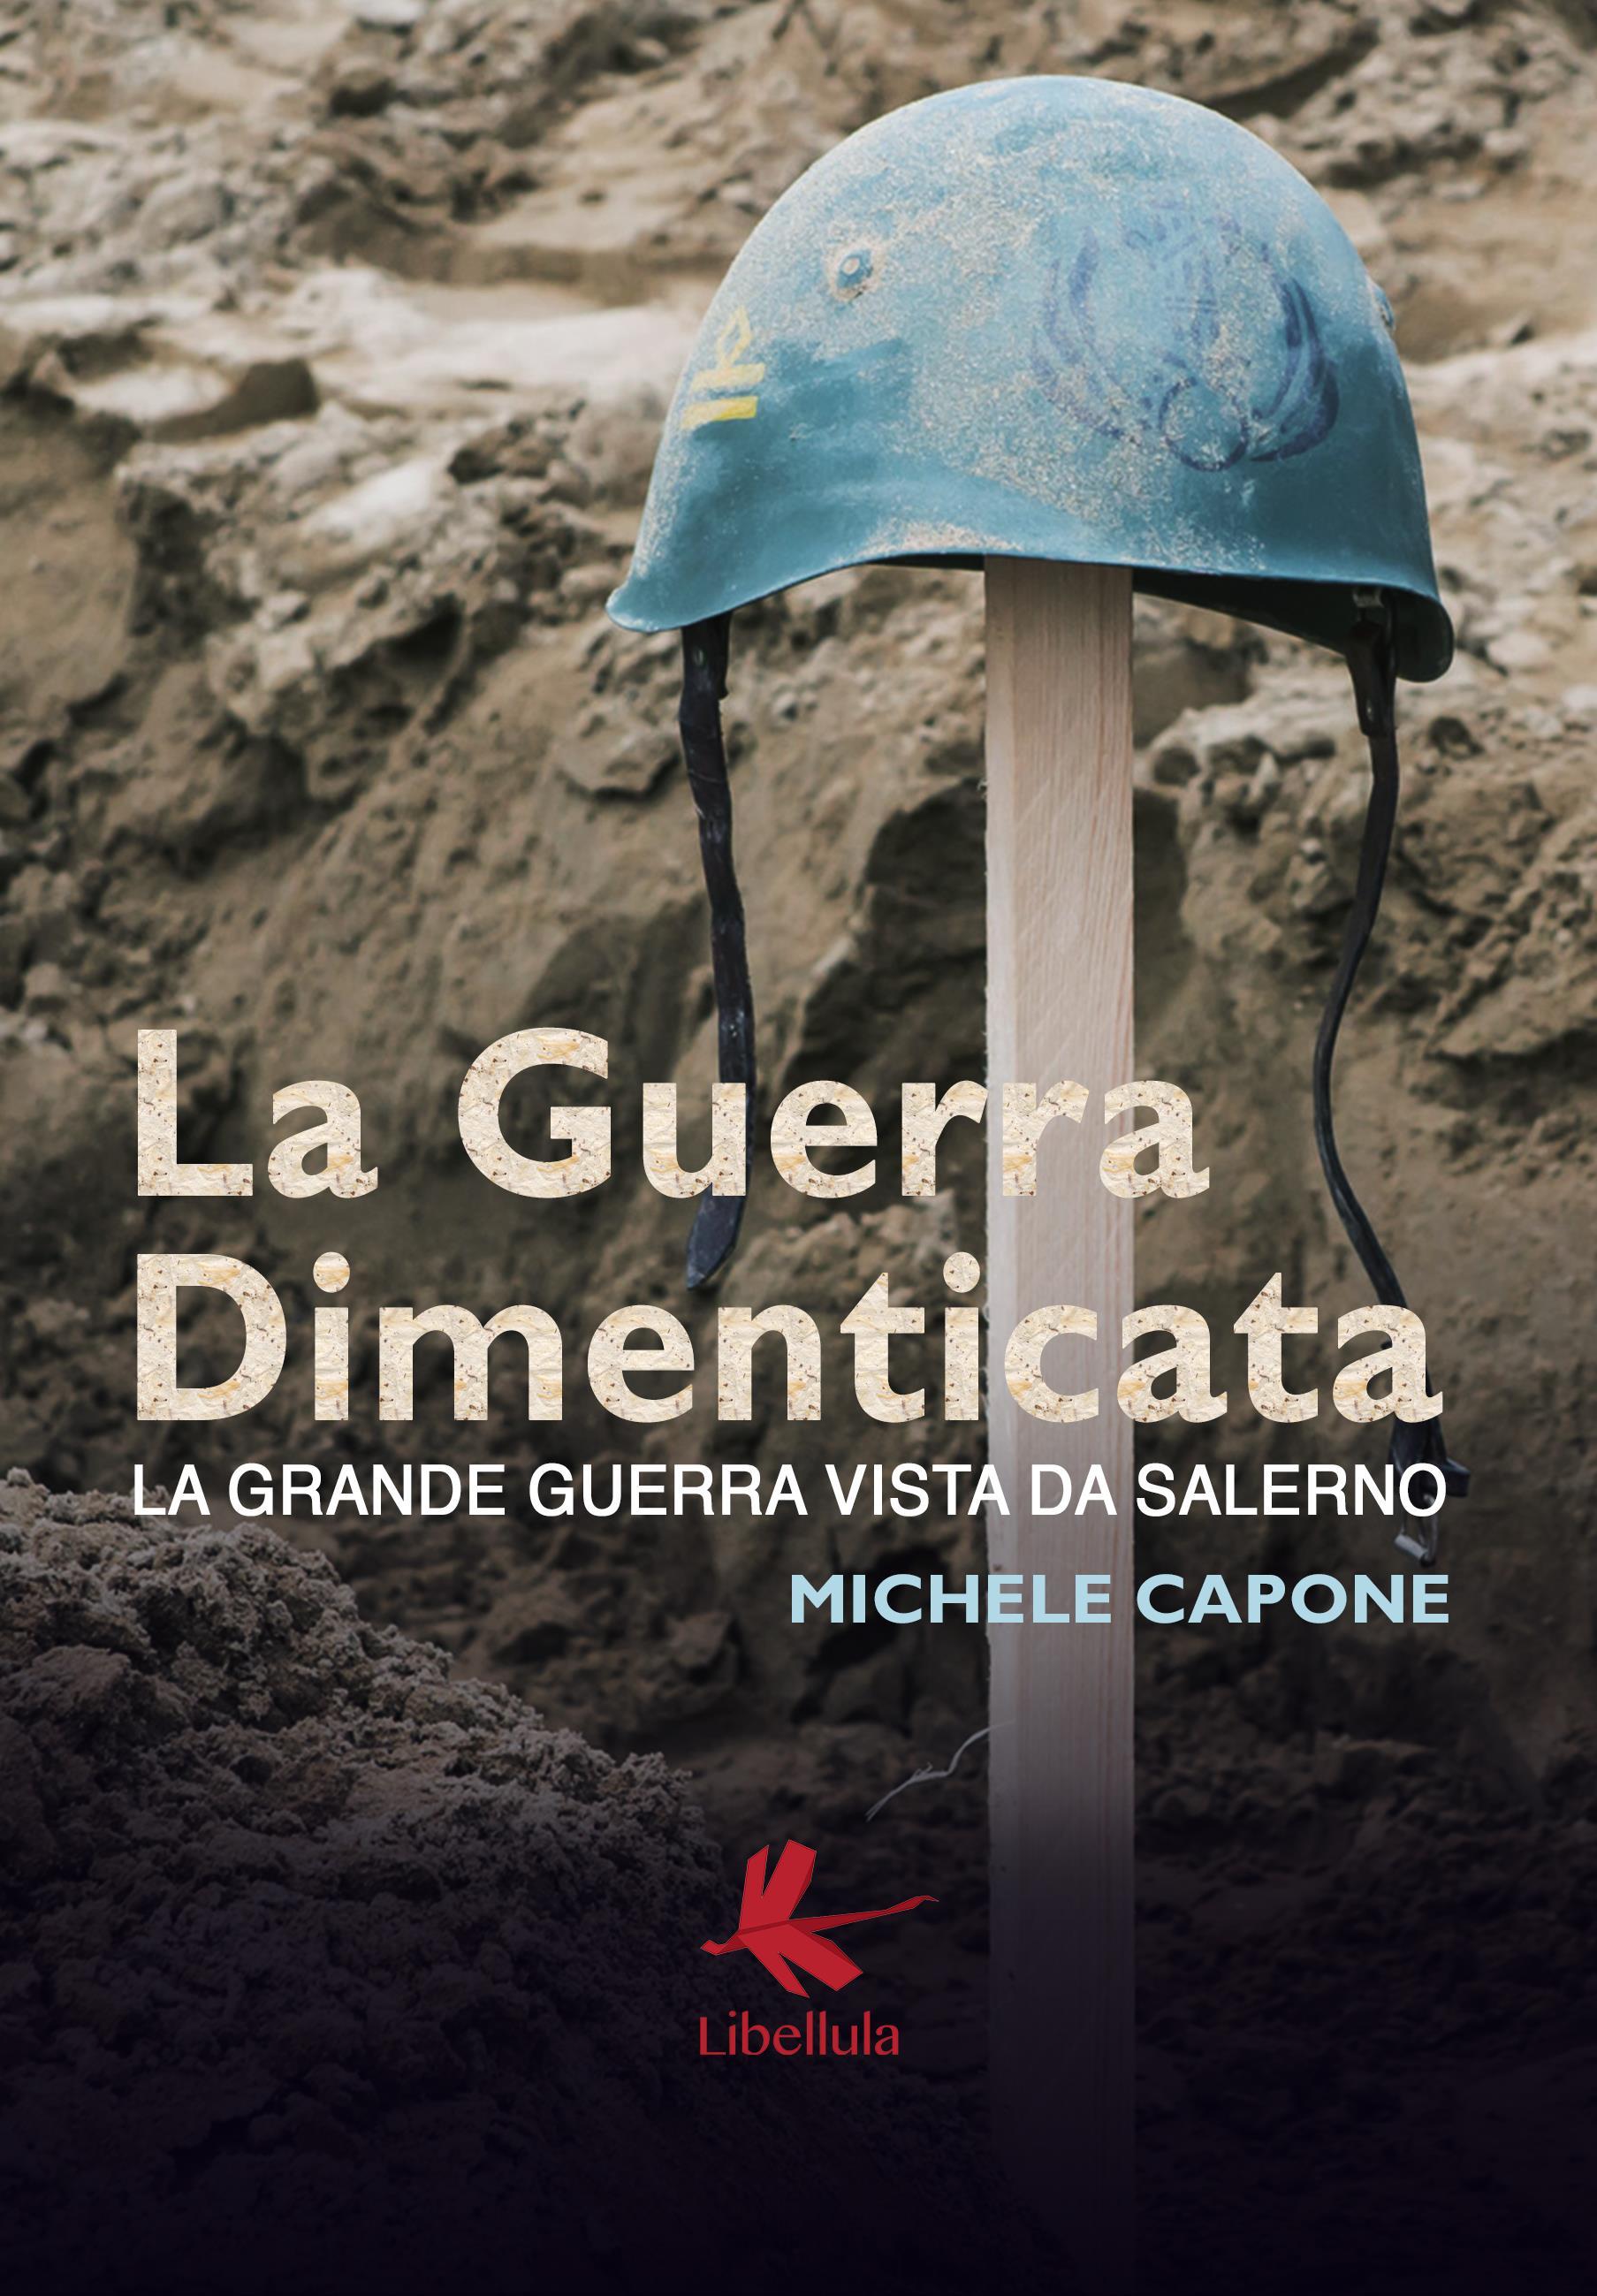 La guerra dimenticata - La Grande Guerra vista da Salerno